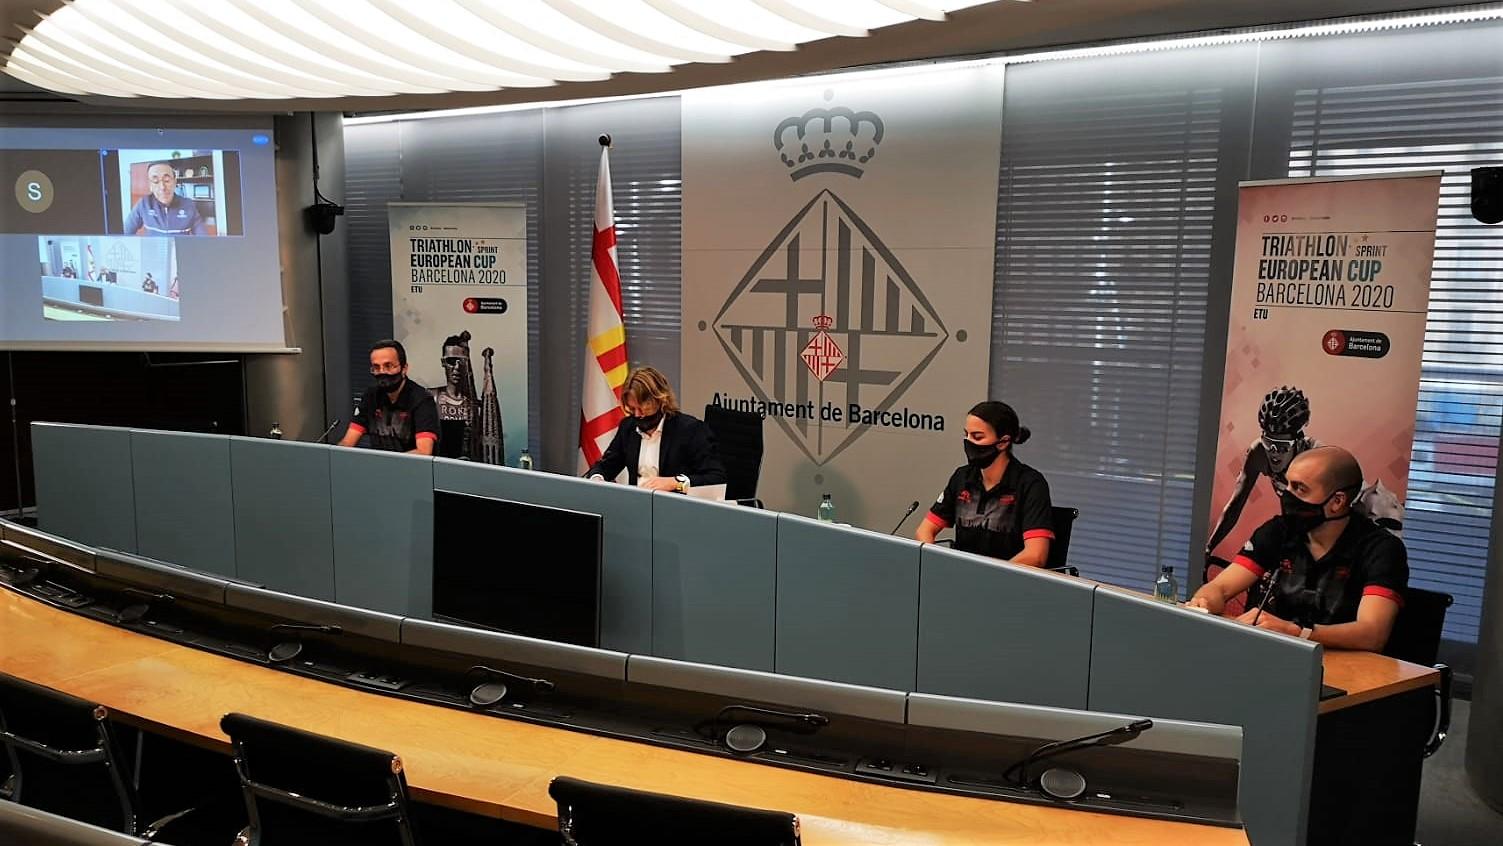 Barcelona apuesta por la seguridad y la sostenibilidad en una Copa de Europa de Triatlón con altísimo nivel